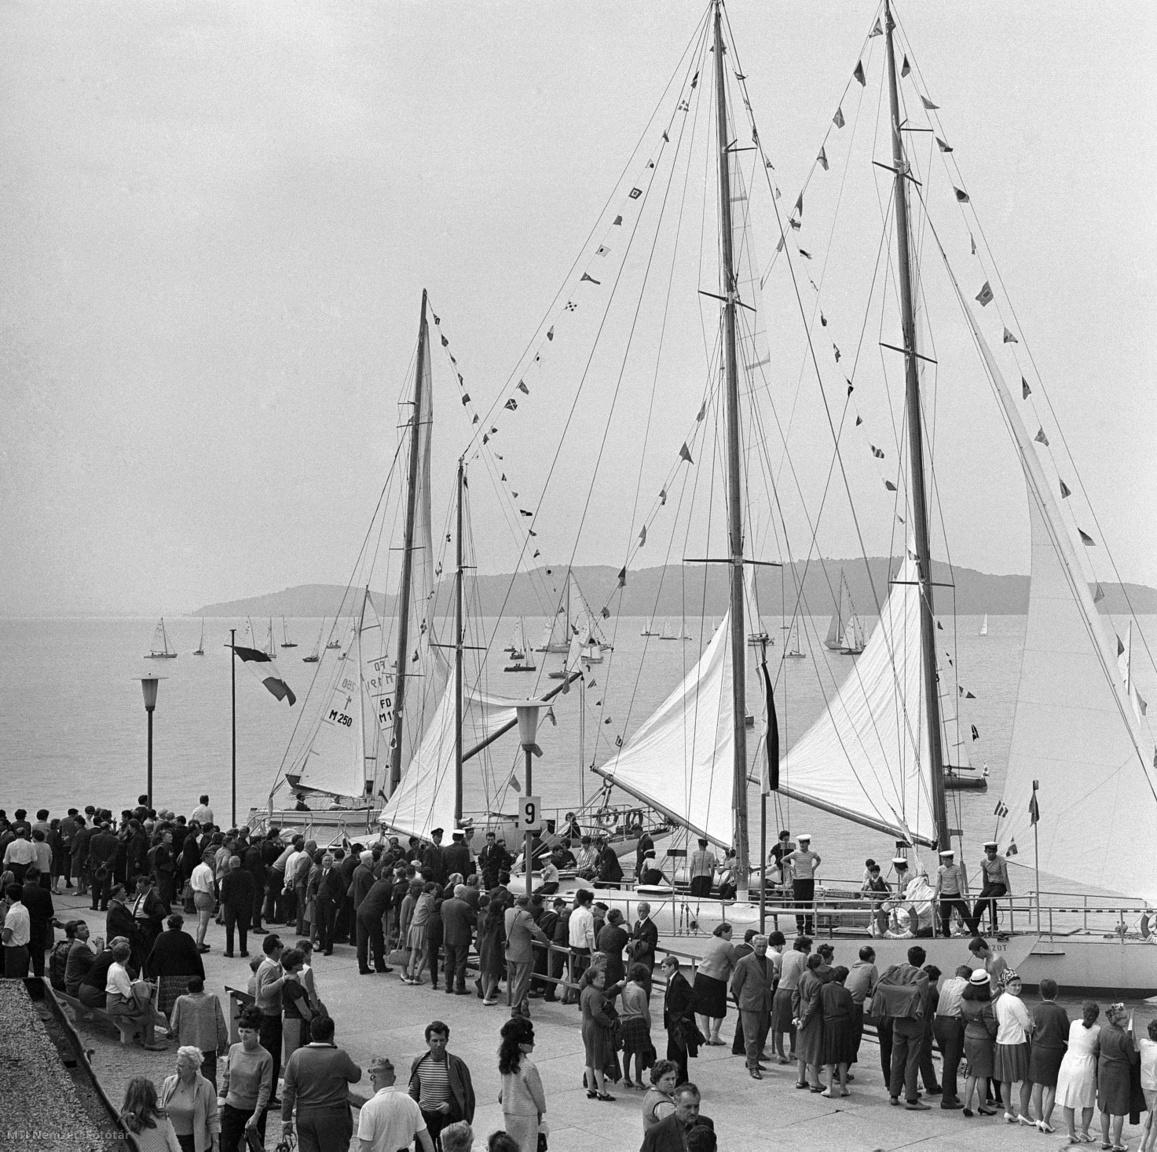 AMagyar Vitorlás Szövetség 1967. május 21-én Balatonfüreden rendezte meg hagyományos vitorlabontó ünnepségét. Az évadnyitón Csanádi Árpád, az MTS elnökhelyettese mondott ünnepi beszédet, majd a Himnusz hangjaira felvonták az egyesületek hajóira a vitorlákat. Utána látványos versenyben gyönyörködhetett a sportszerető közönség